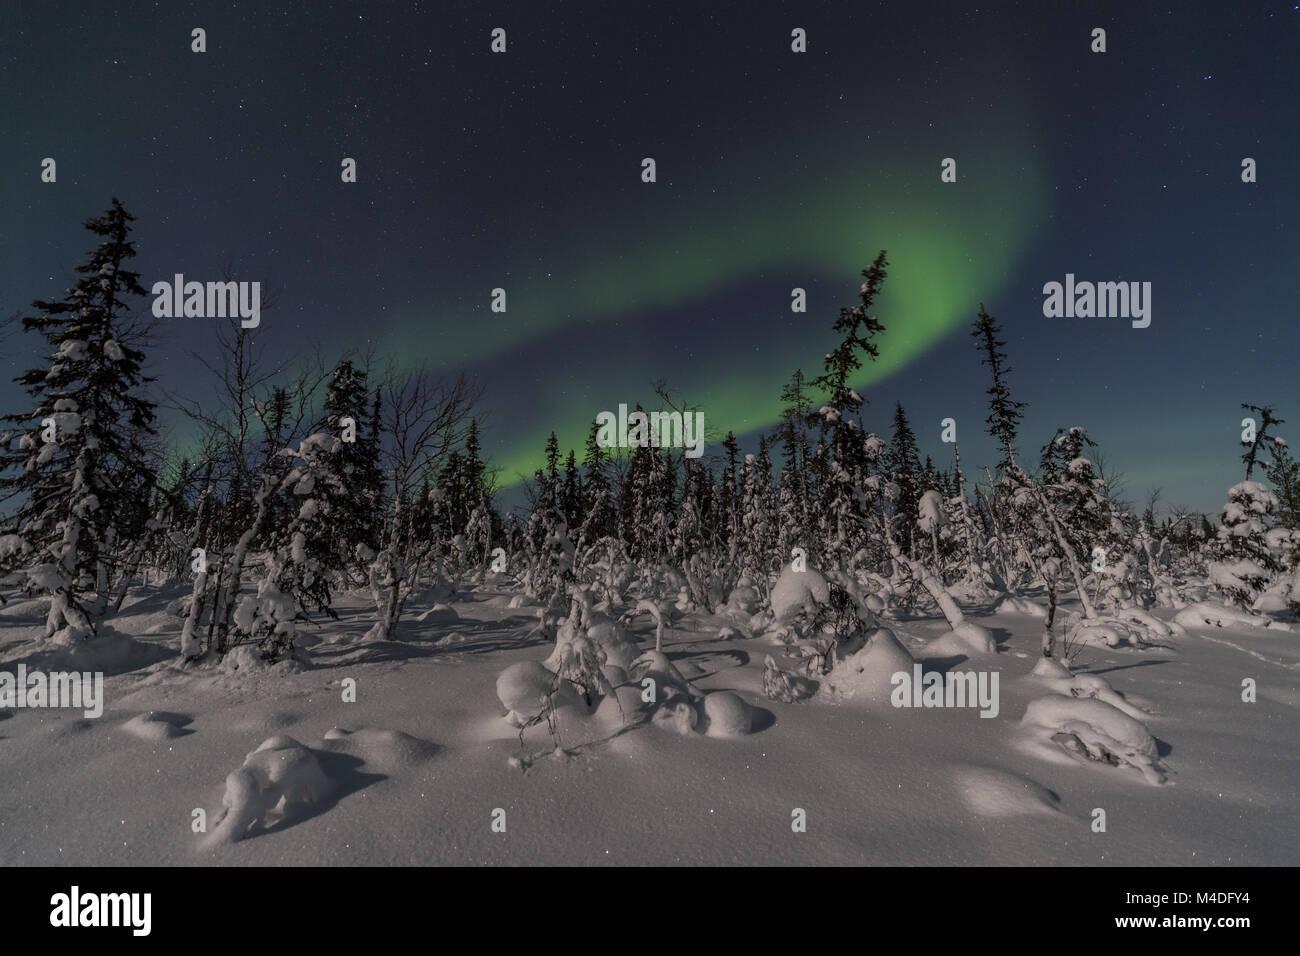 Northern lights above moonlit landscape, Lapland, Sweden Stock Photo